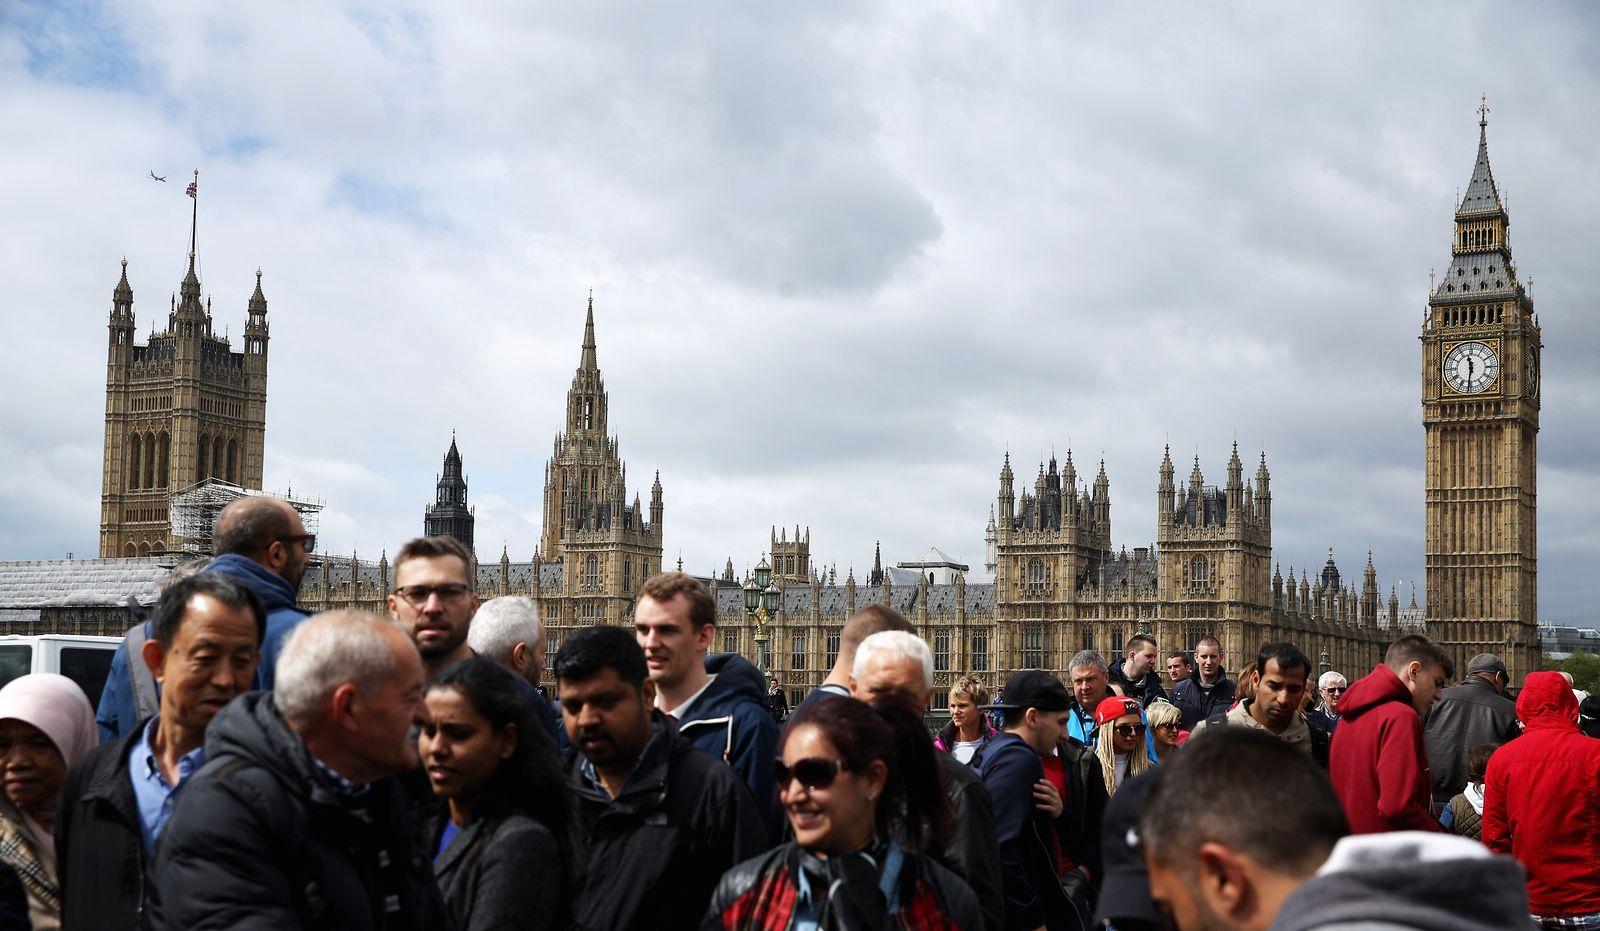 England / London / Westminster bridge / Konjunktur / Symbolbild